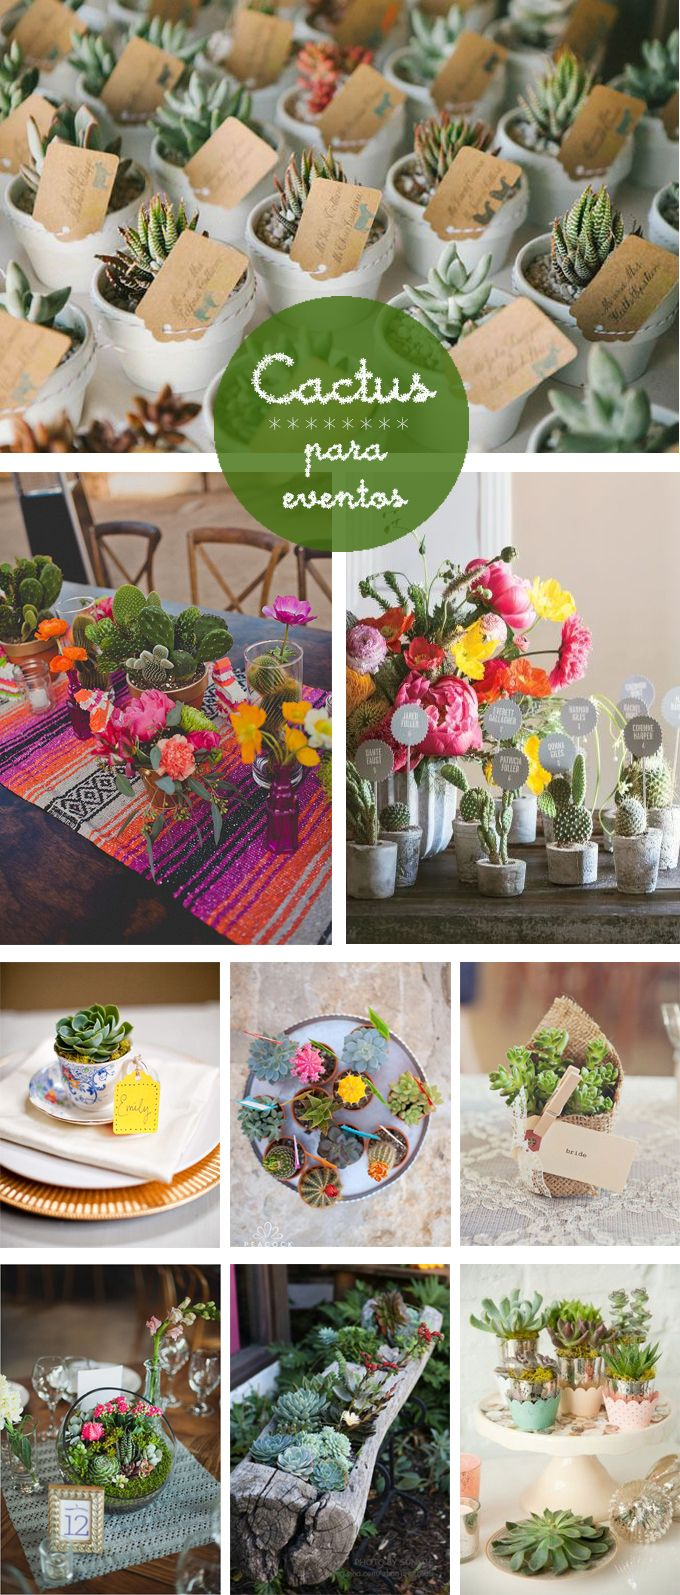 Tanto para casa como para eventos, si no tienes buena mano con las flores... prueba con los cactus.